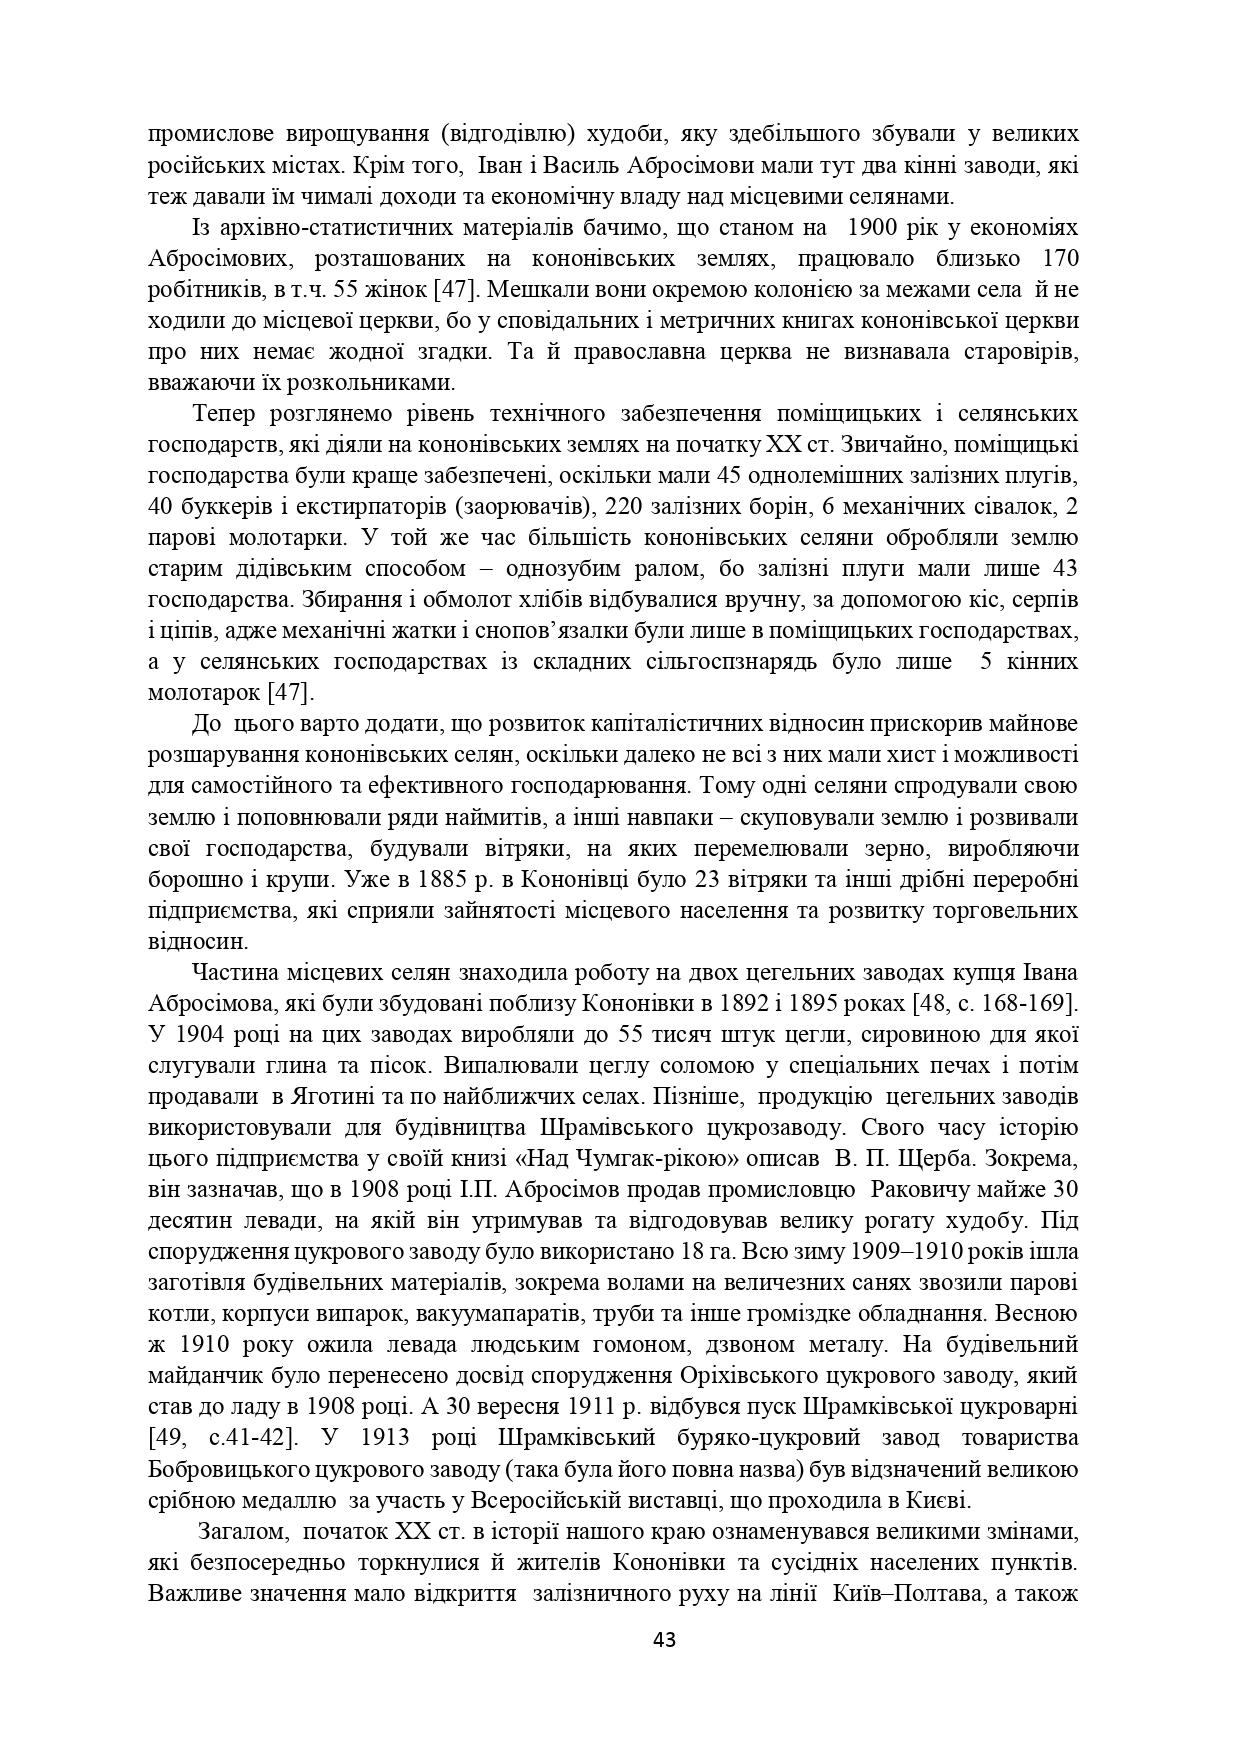 ІСТОРІЯ СЕЛА КОНОНІВКА 2021 (1)_page-0043